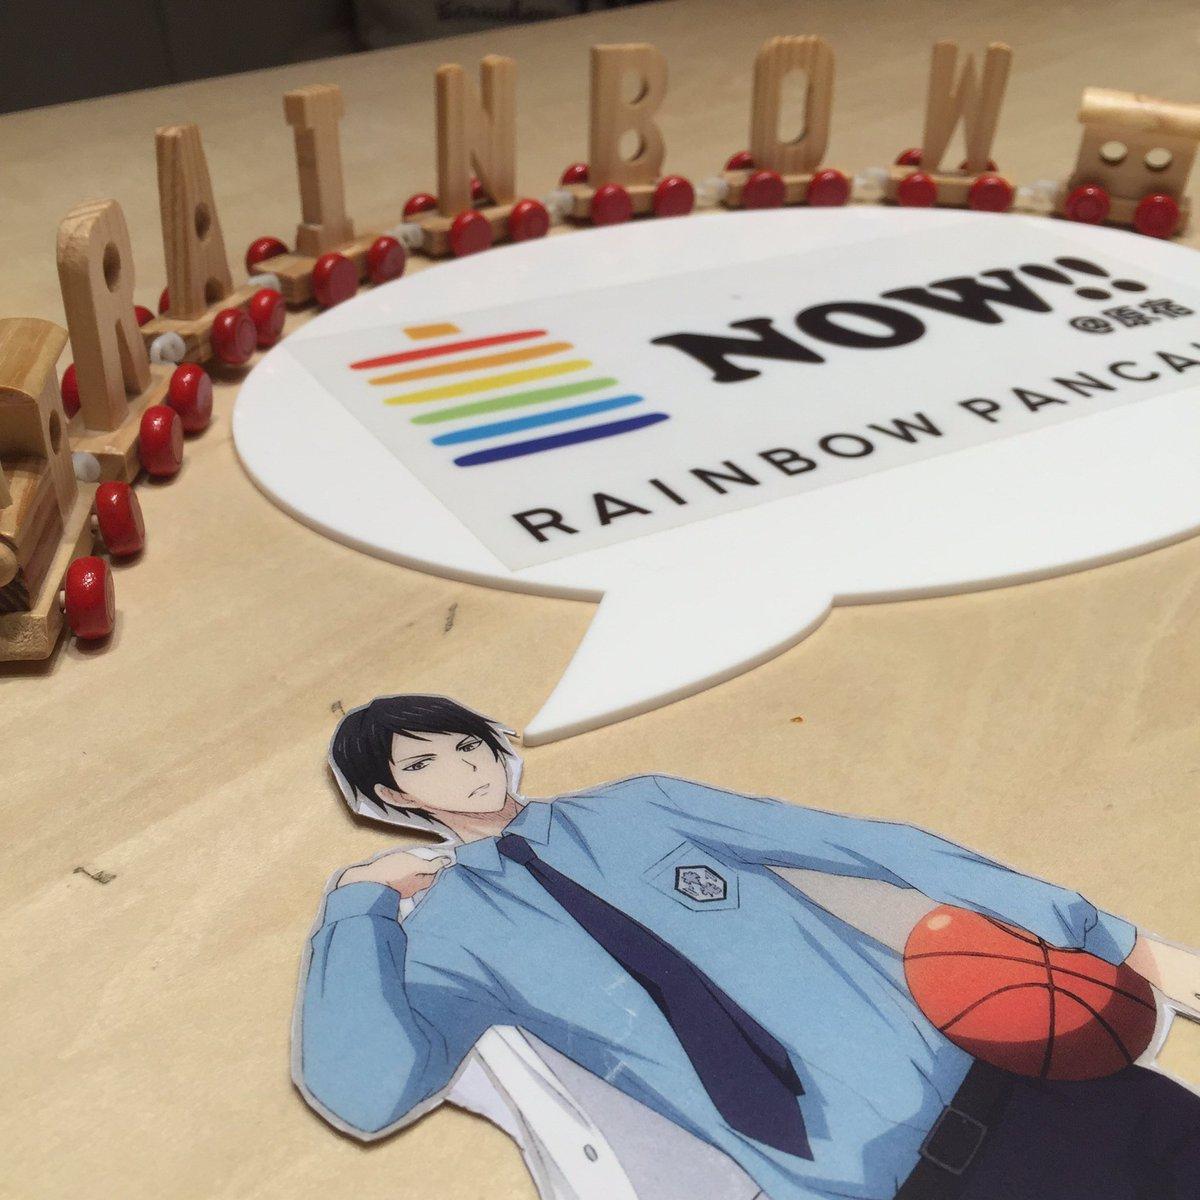 今日は黒子のバスケ虹村さんの誕生日!ファンの方たちと一緒にハッピーレインボーバースデー♪ https://t.co/spDaSC4M7p